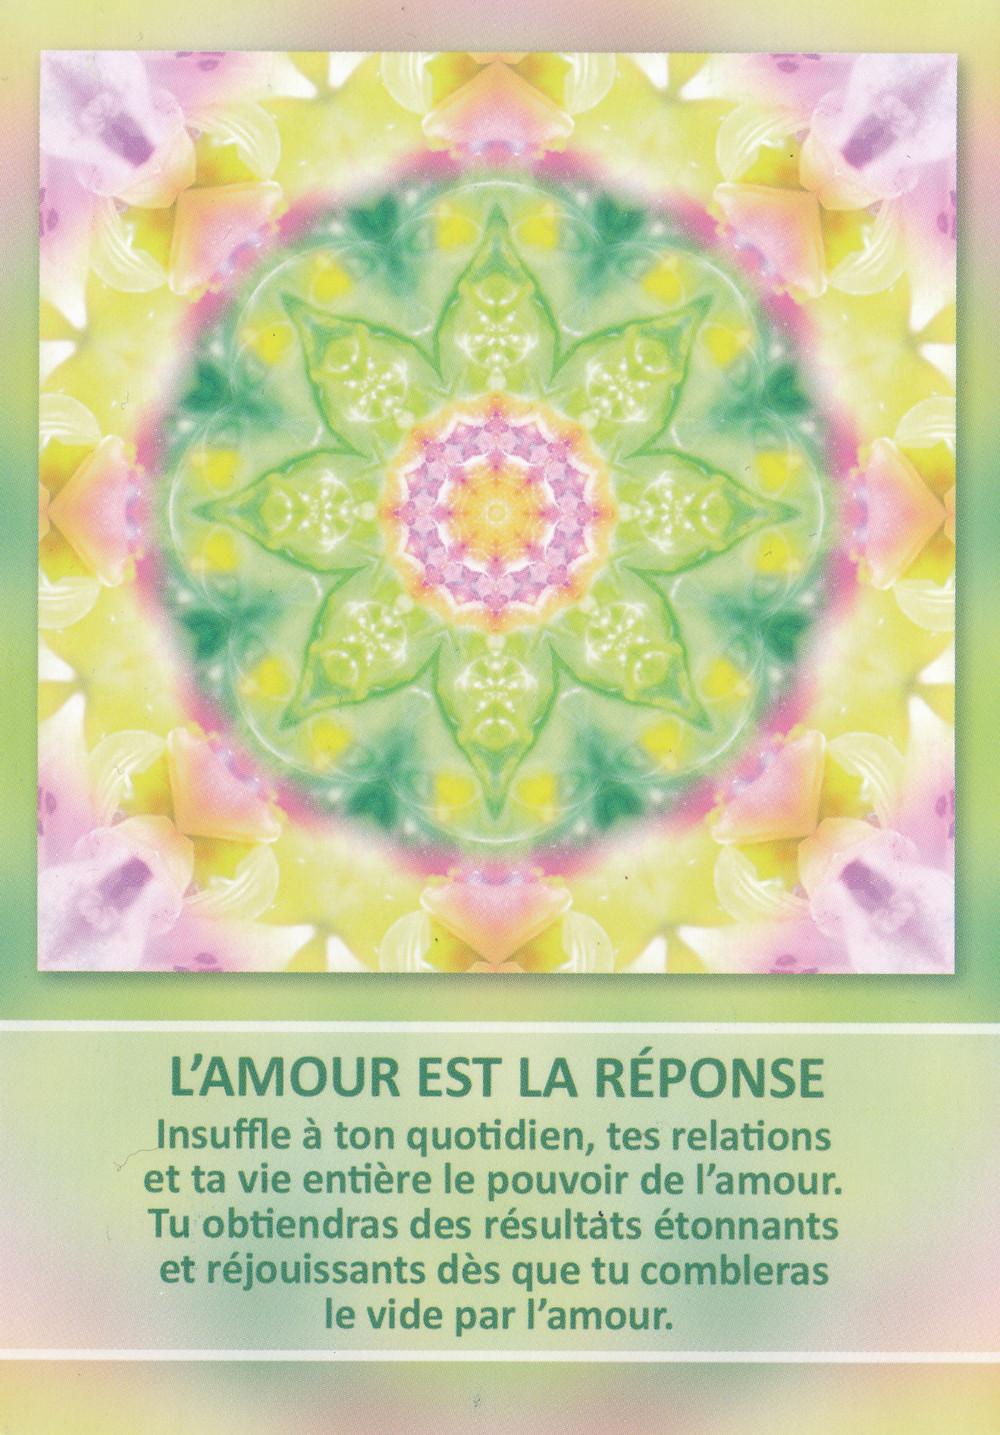 Carte tirée de l'Oracle des Mandalas d'Énergie de Gaby Shayana Hoffmann - L'Amour est la réponse. Energies du weekend du 24 25 26 mai 2019 : en route vers un nouveau voyage de cœur